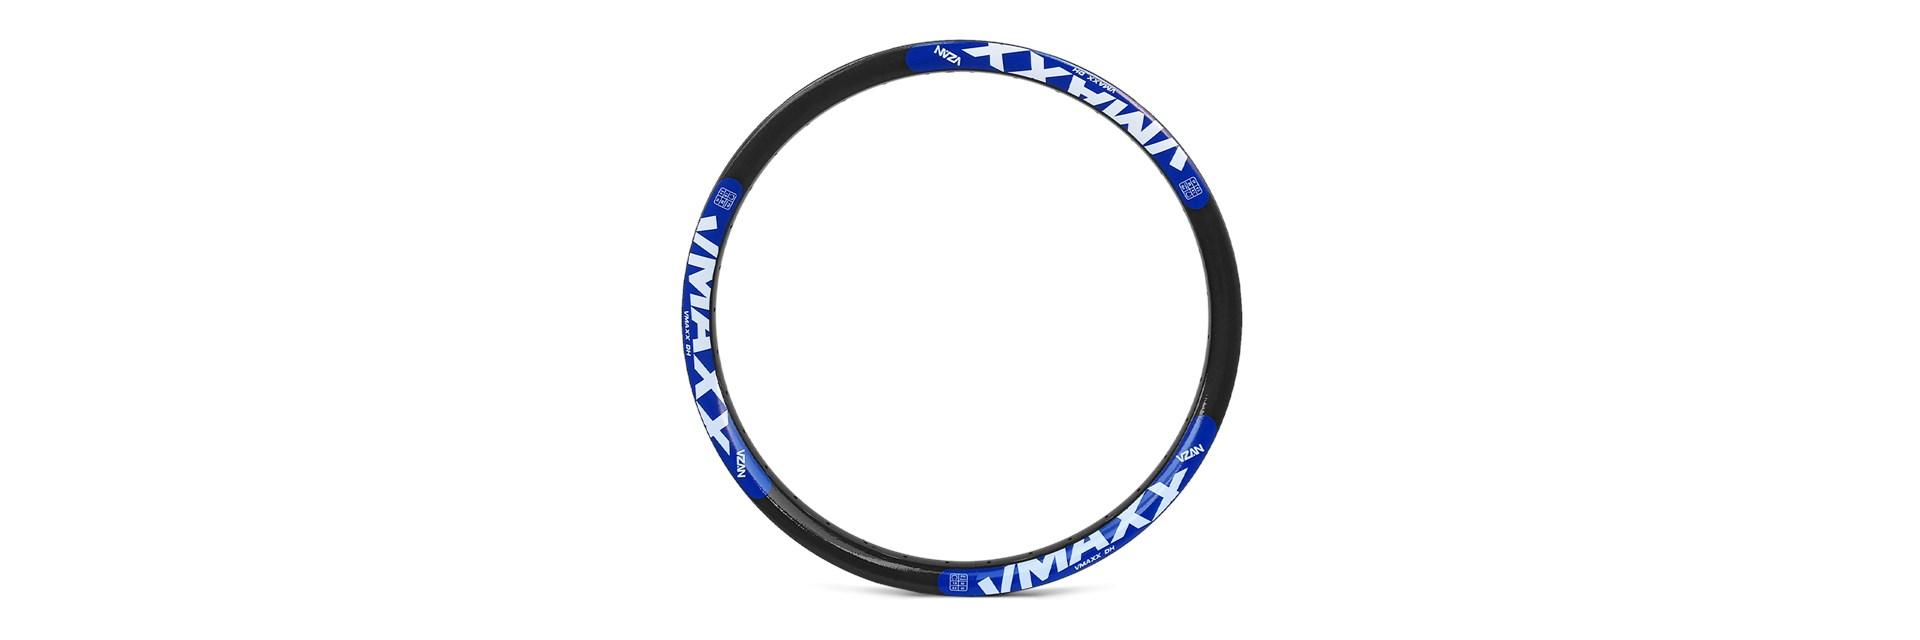 Aro Vmaxx Lt 26/36F Preto Disc - Ad Azul